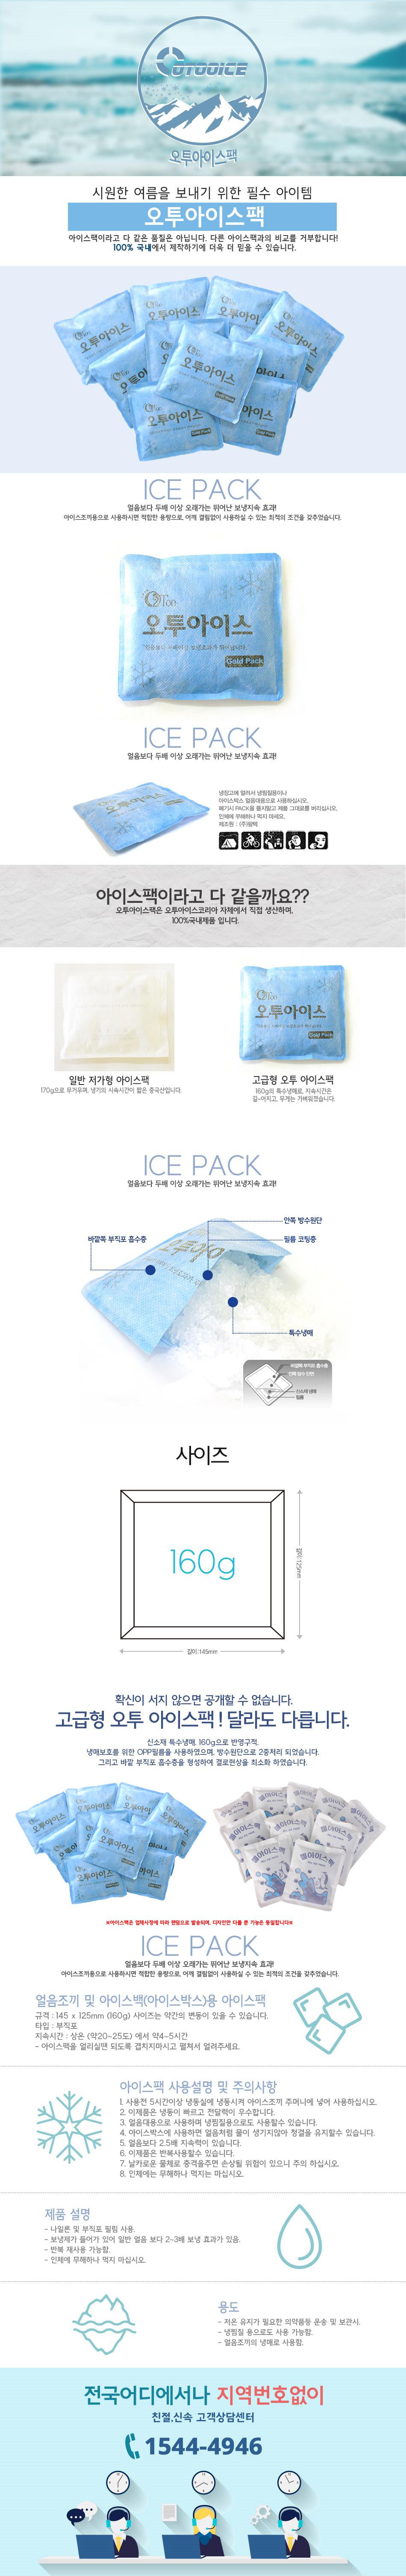 icepack-01.jpg